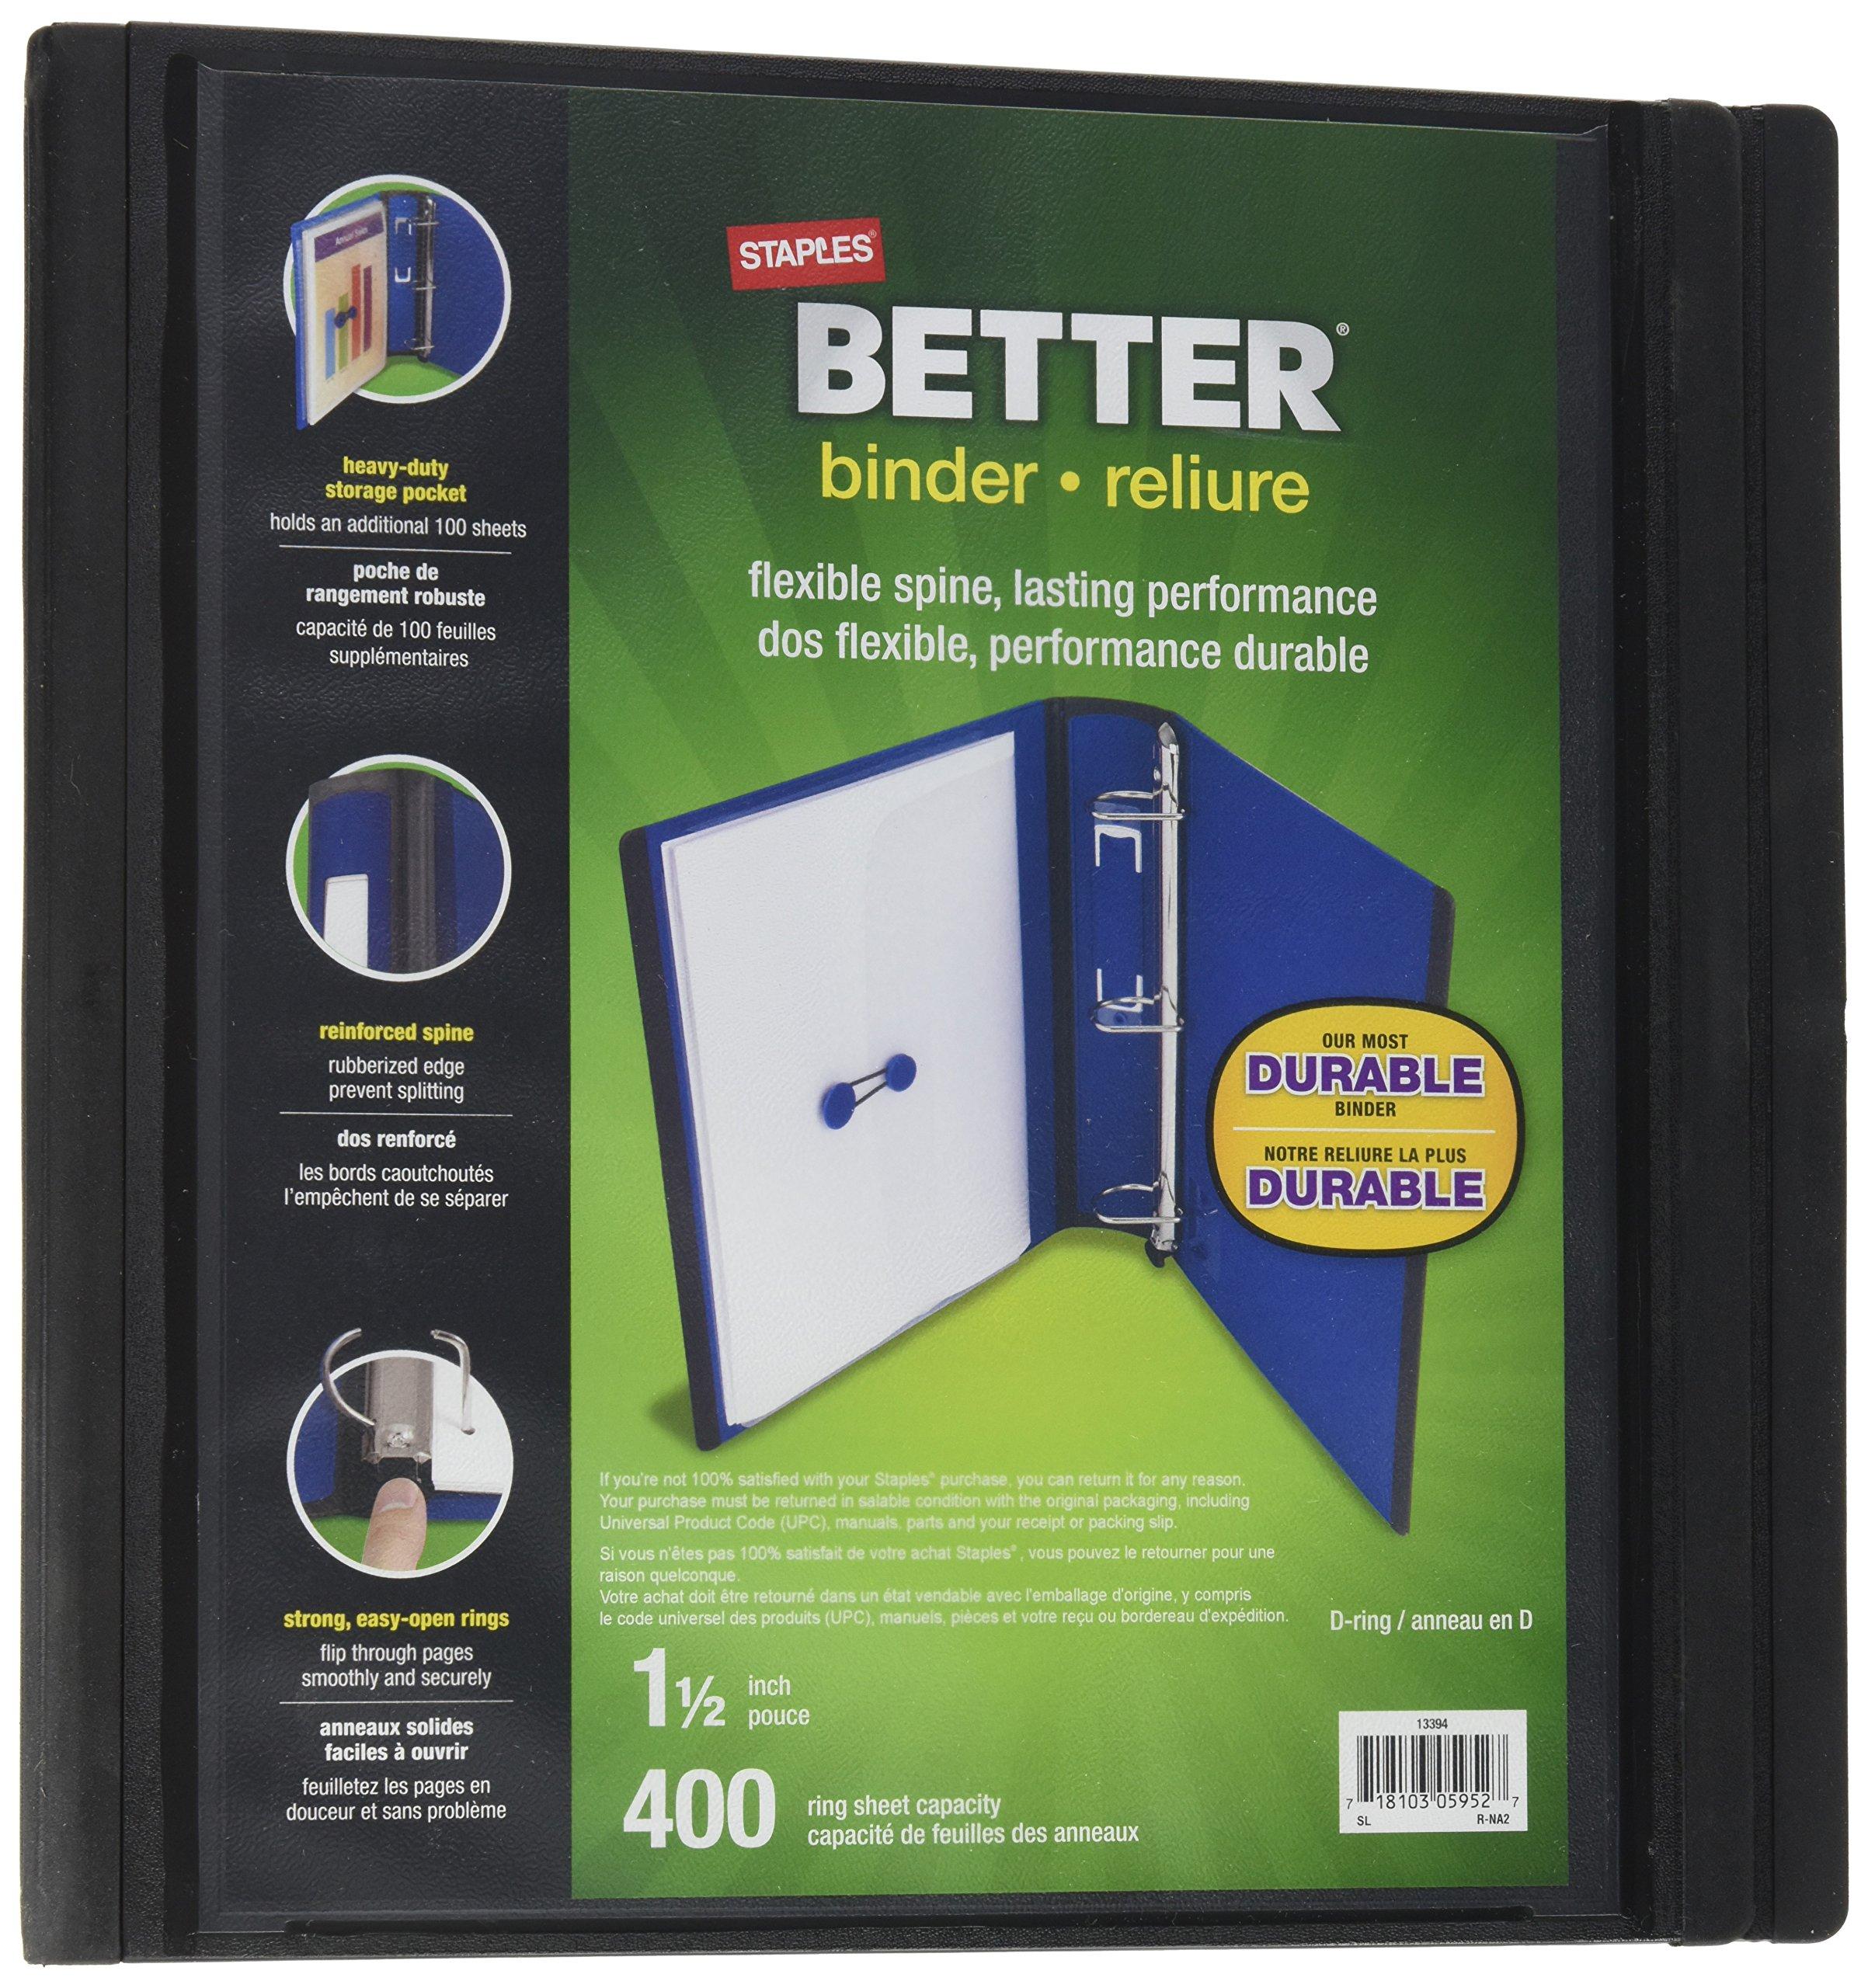 Staples Better Binder 1.5 inch BLACK